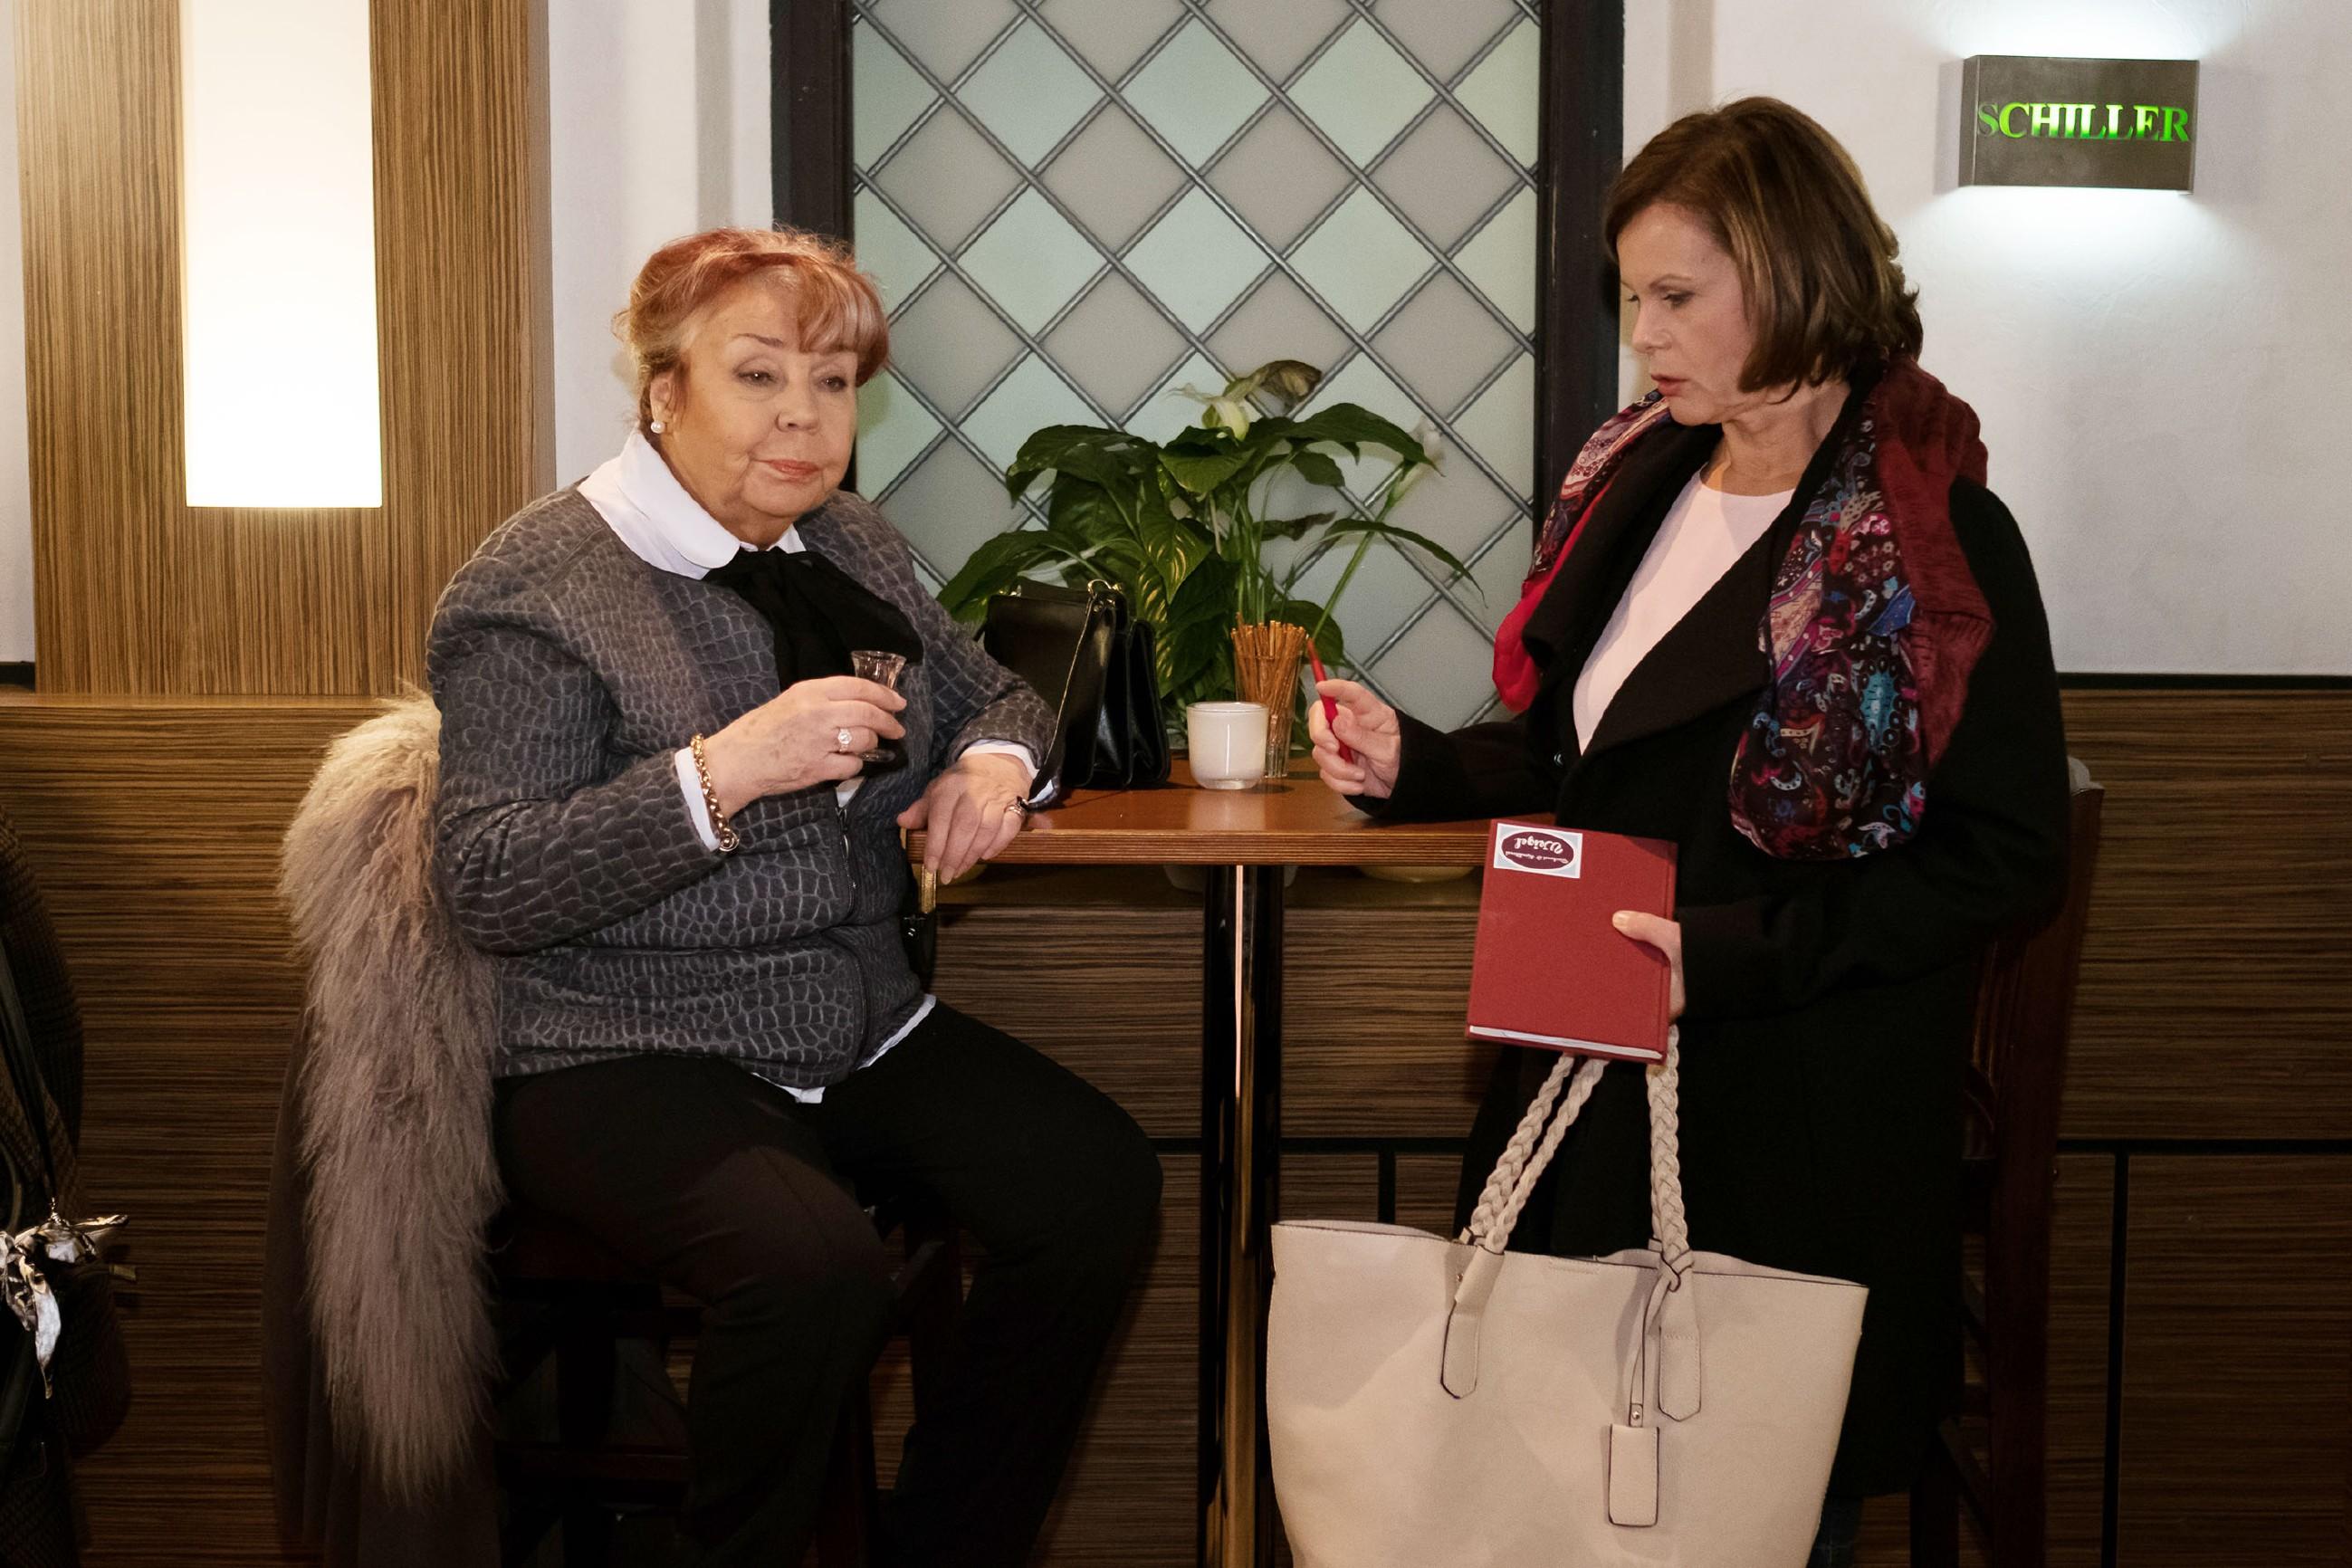 Irene (Petra Blossey, r.) weist Roswitha (Andrea Brix) in ihre Schranken. (Quelle: RTL / Stefan Behrens)